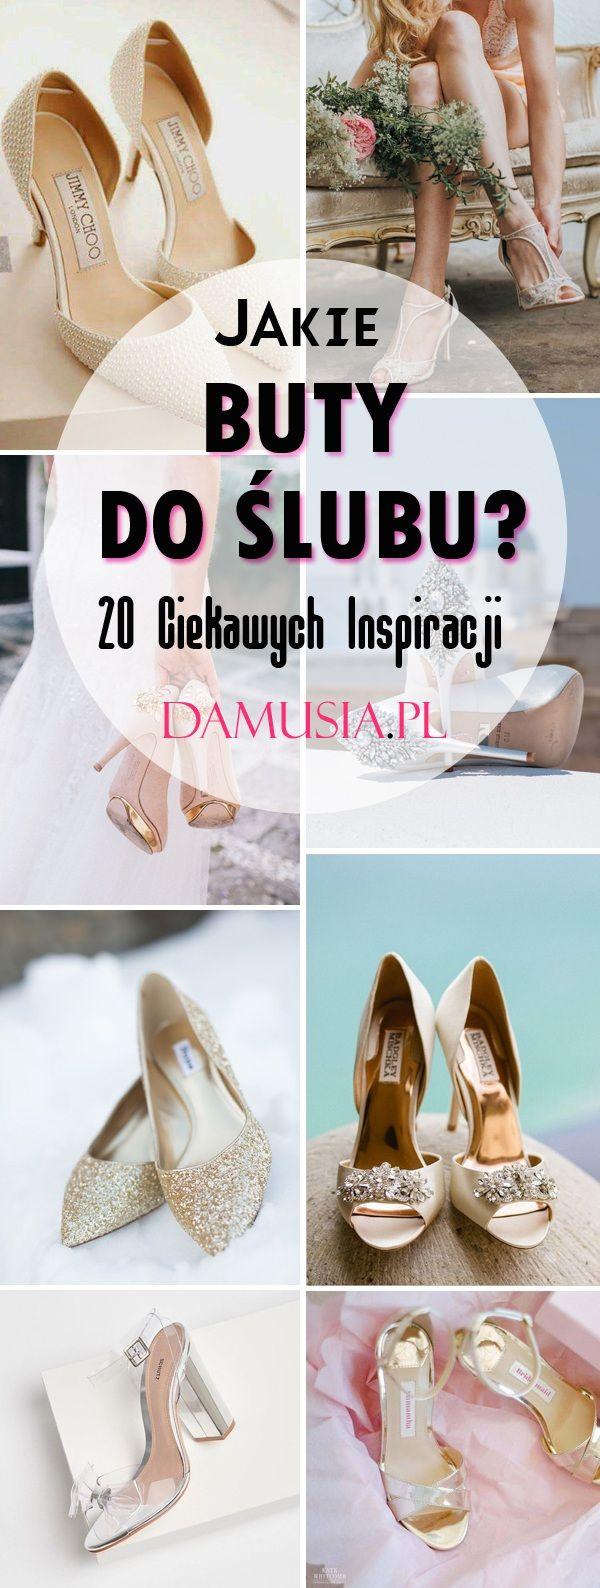 Jakie Buty Do Slubu Top 20 Modnych Inspiracji Dla Panny Mlodej Shoes Wedding Shoe Fashion